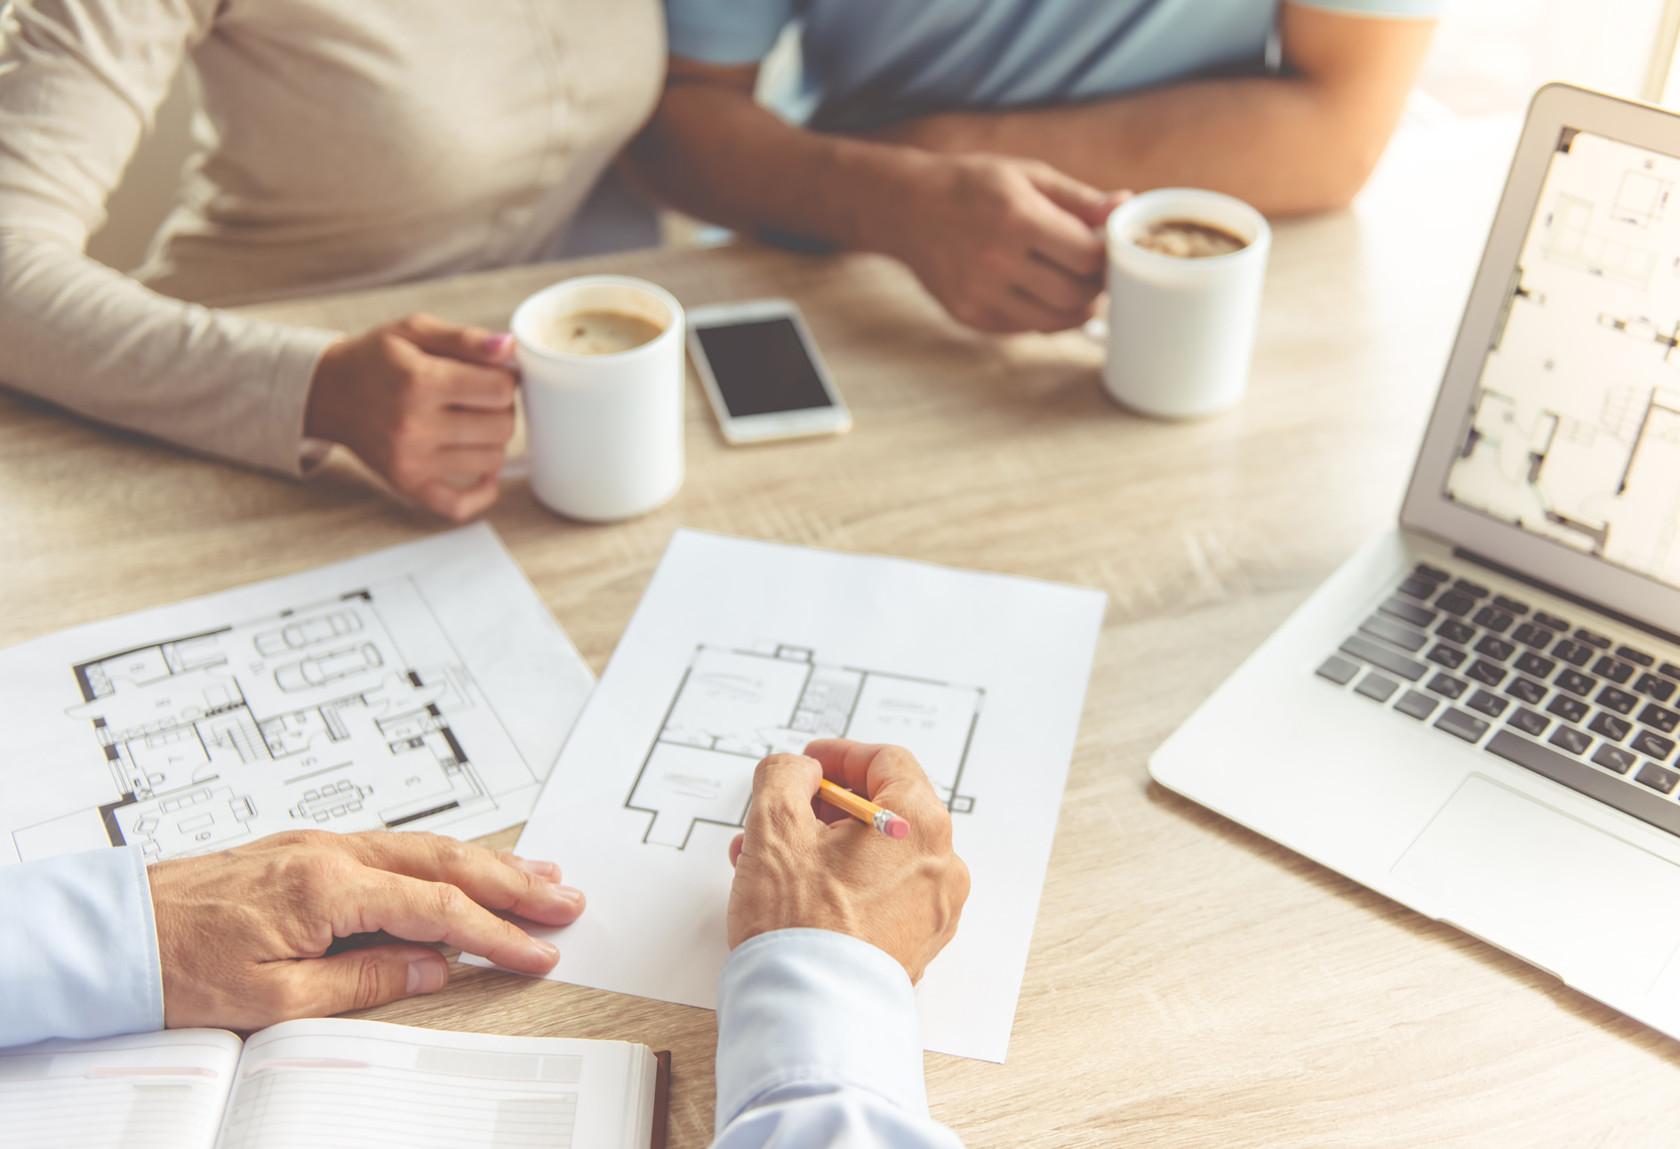 immobilienmakler website erstellen homepage f r. Black Bedroom Furniture Sets. Home Design Ideas